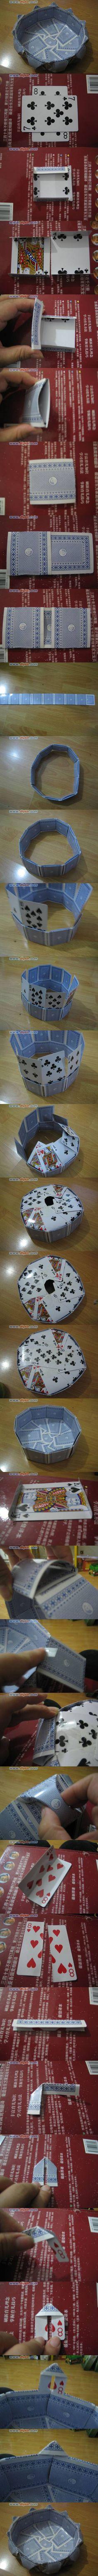 DIY Vase of Playing Cards